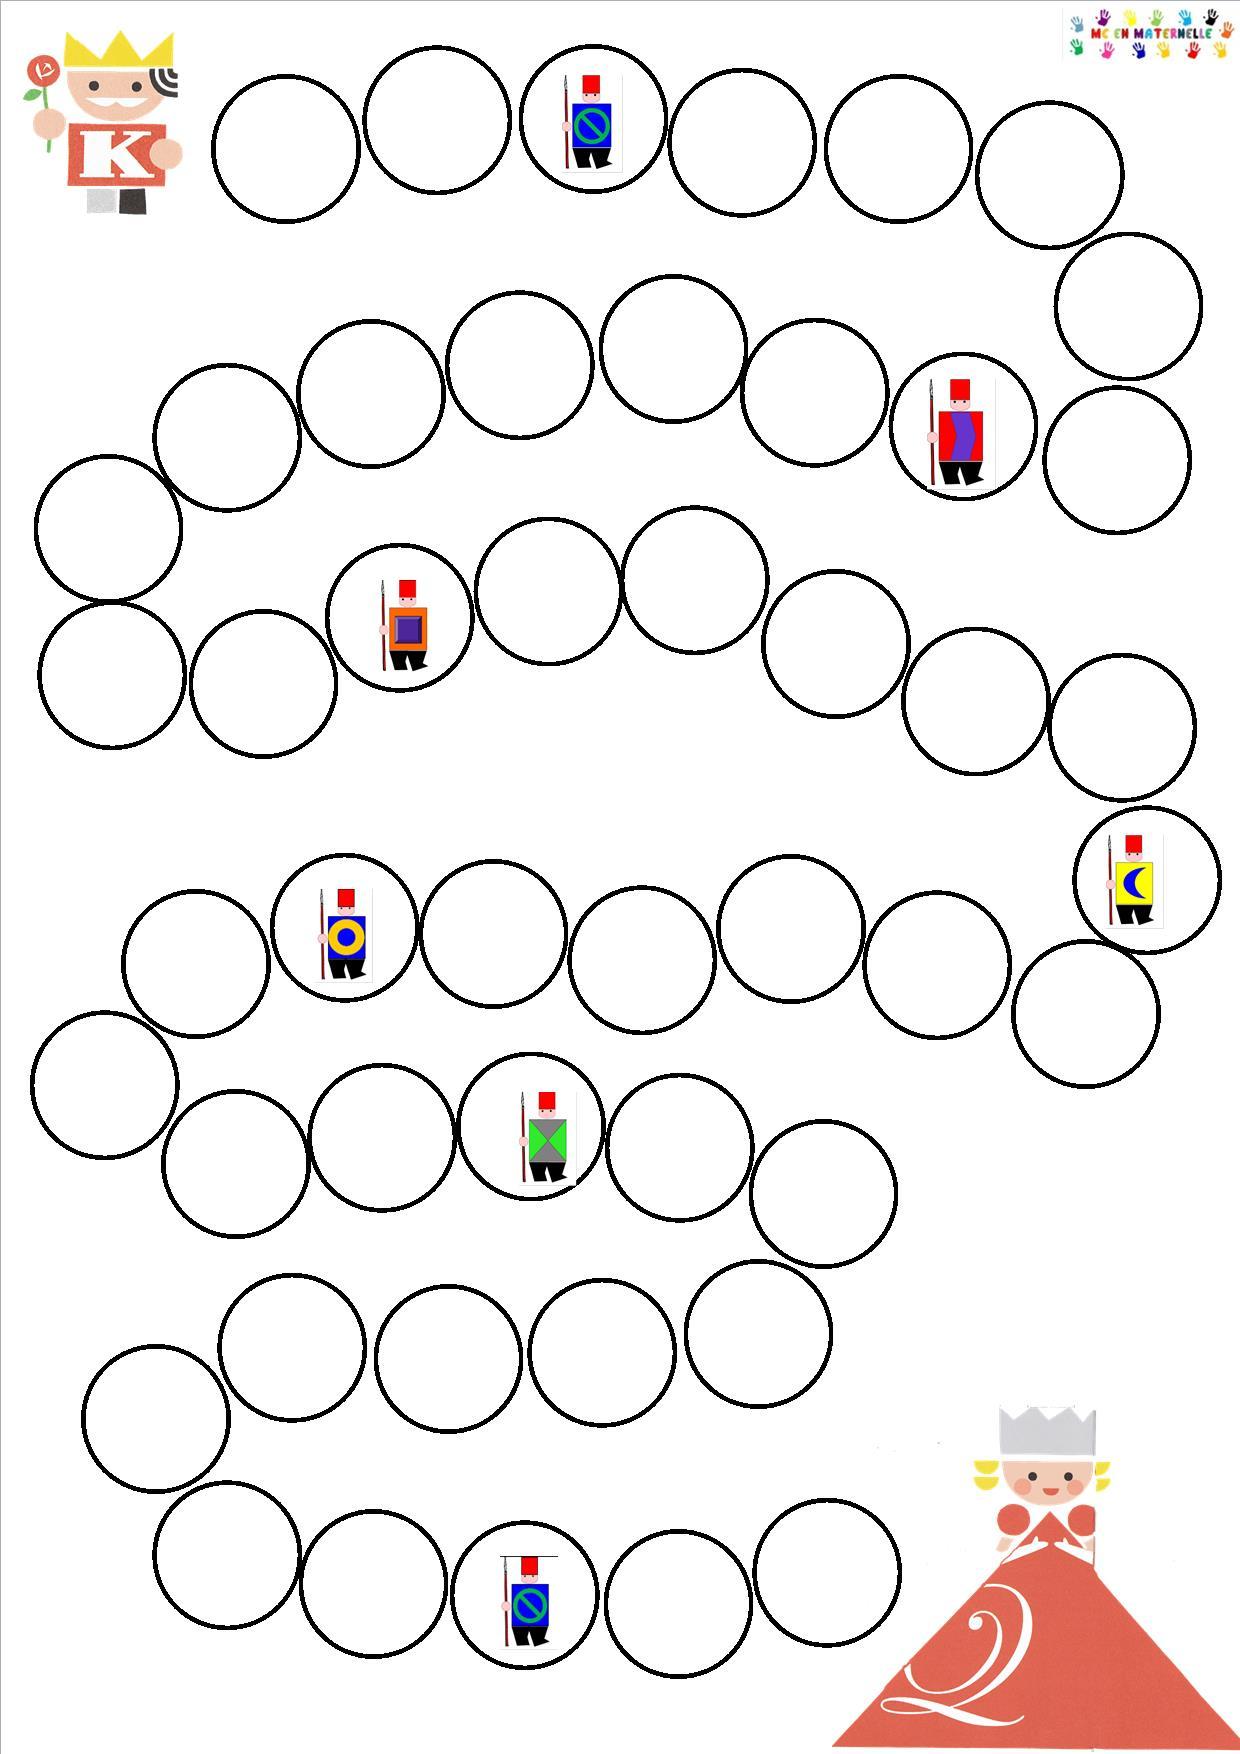 Le Tout Petit Roi : Jeu Mathématiques – Mc En Maternelle tout Jeux Gratuit Maternelle Grande Section